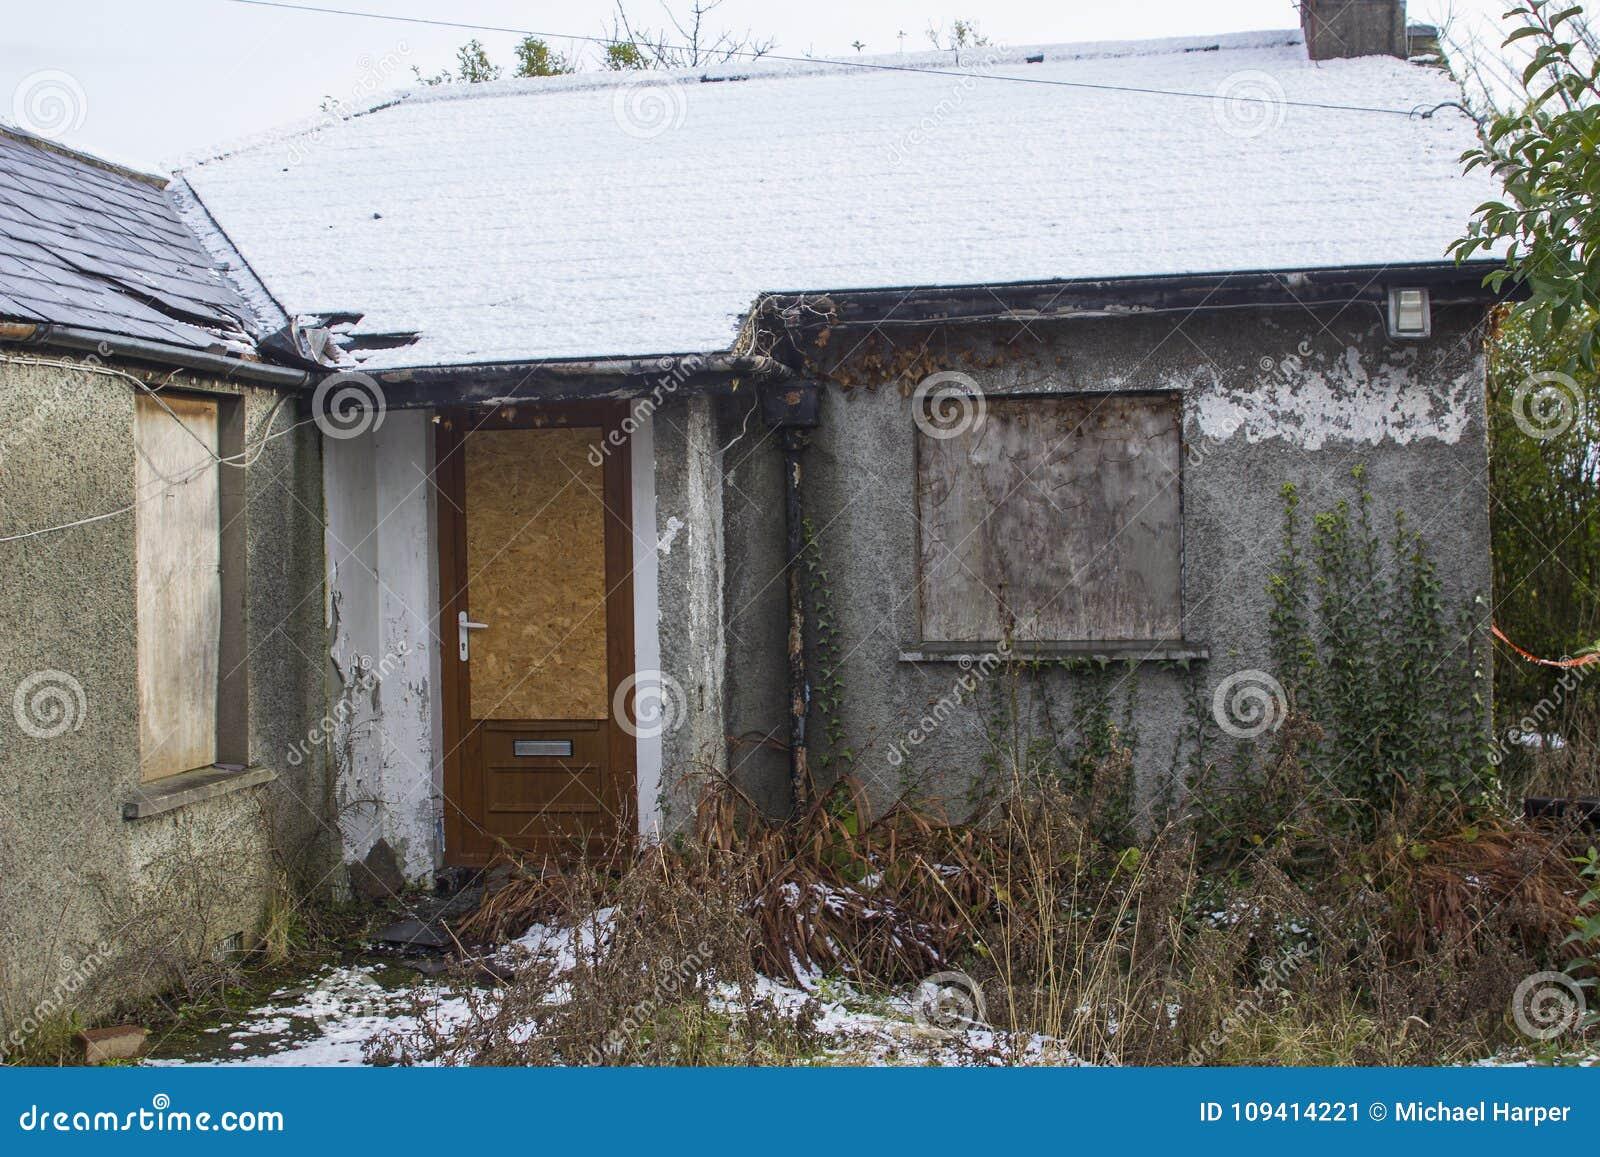 Un petit pavillon isolé dans les ruines dans le comté de Bangor vers le bas qui a été inoccupé et abandonné depuis de nombreuses